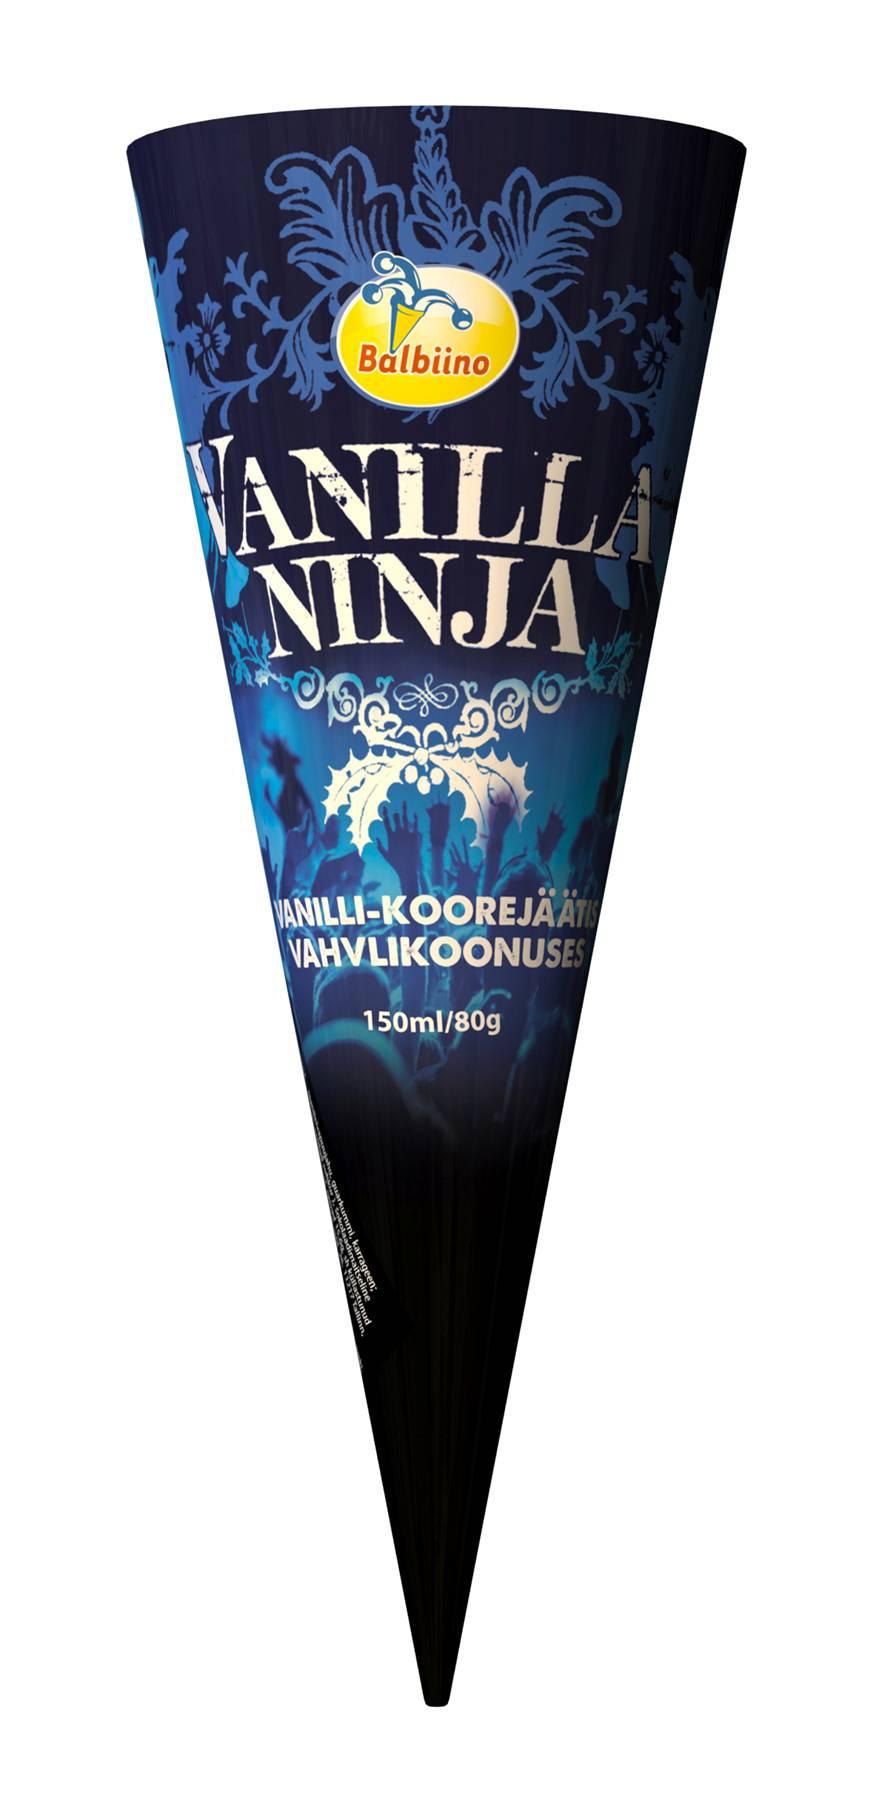 Vanilla Ninja vahvlikoonuses